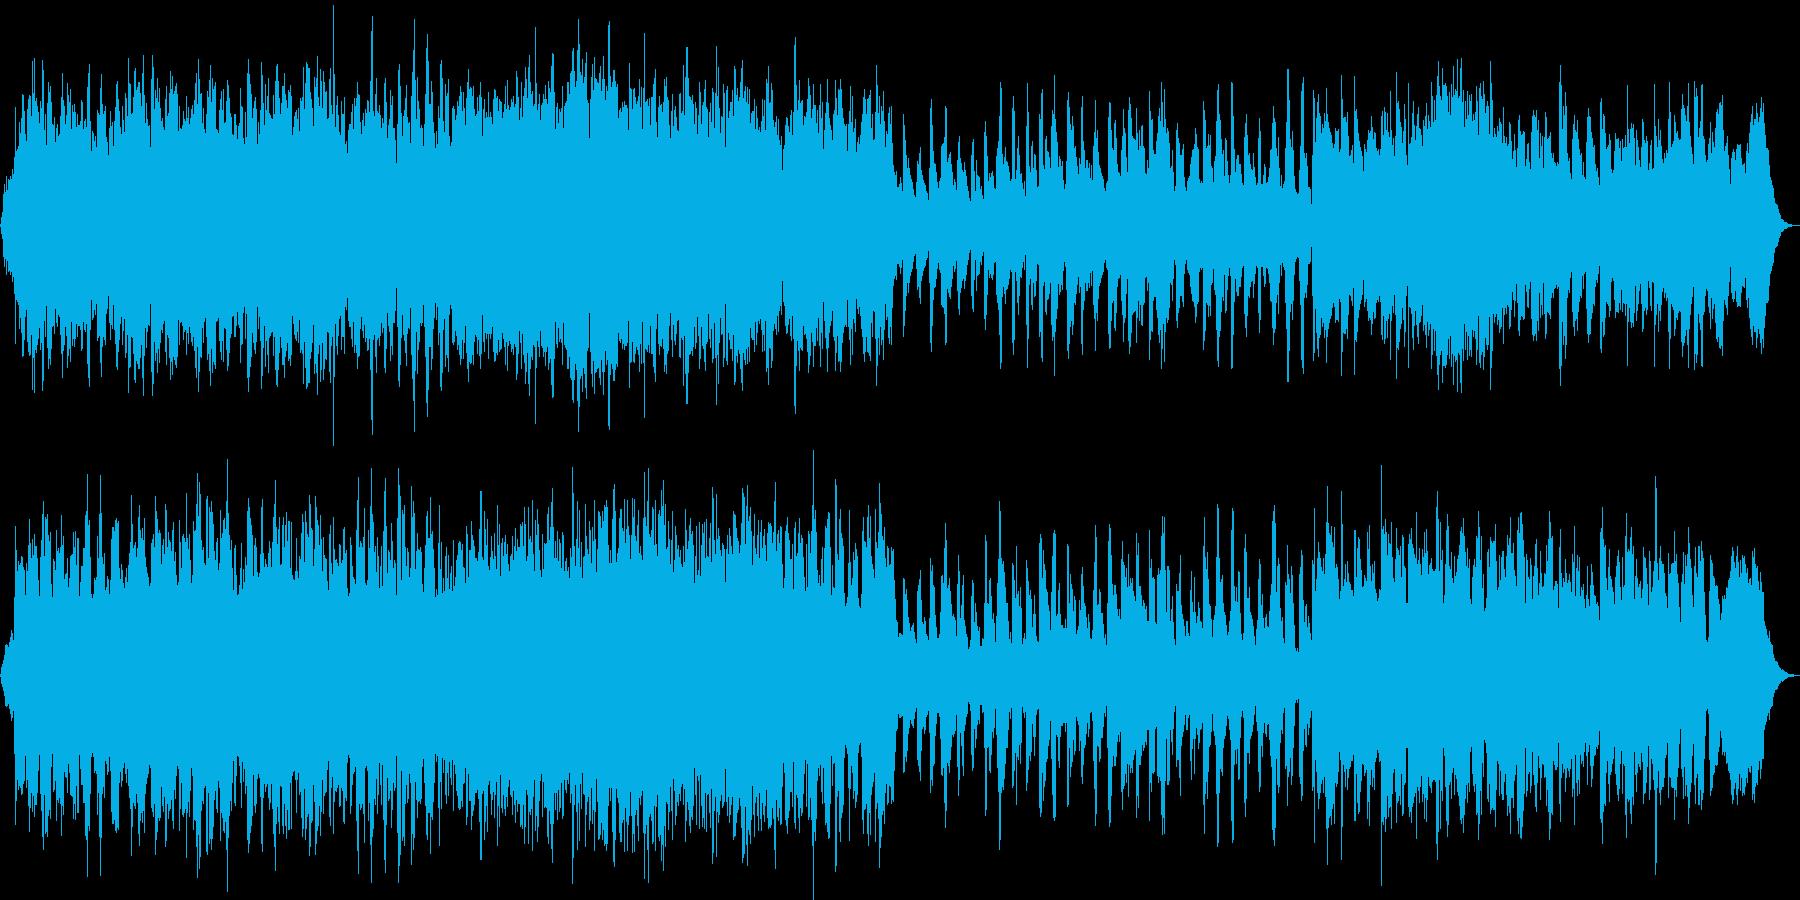 感動的なストリングスとピアノの再生済みの波形